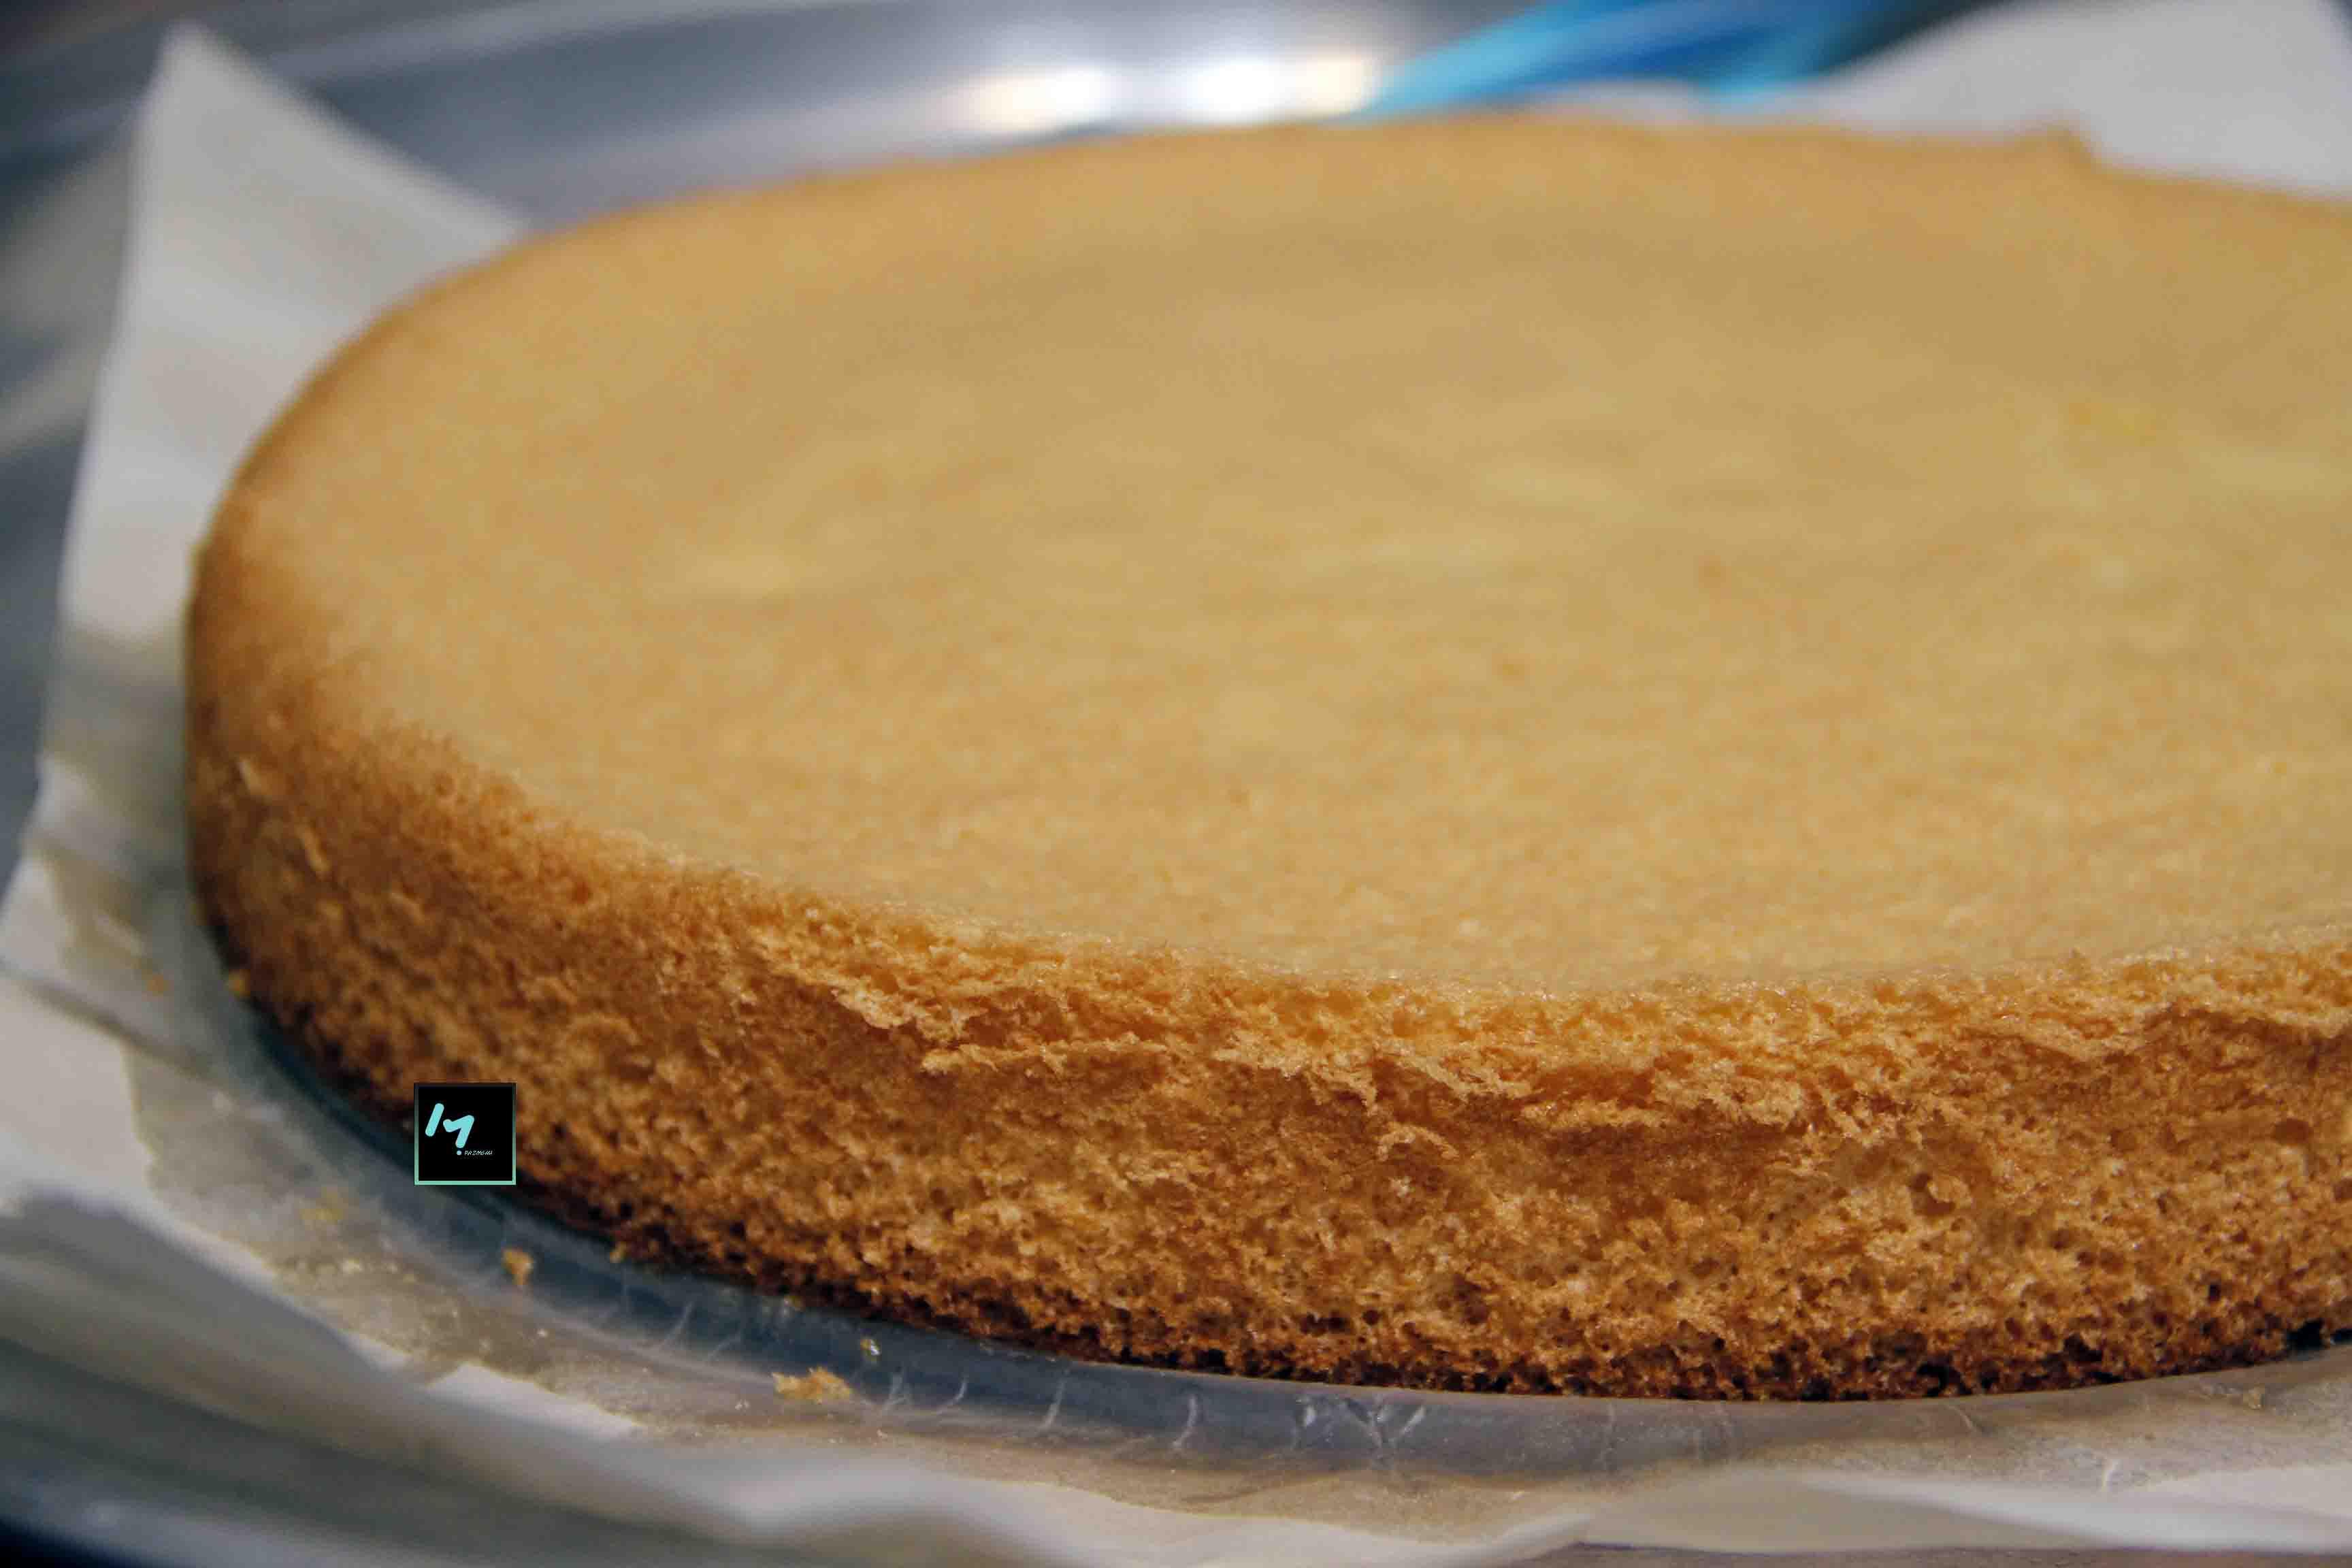 طرز درست ماکت کیک تولد ی نگاه خاص - مطالب کیک ها